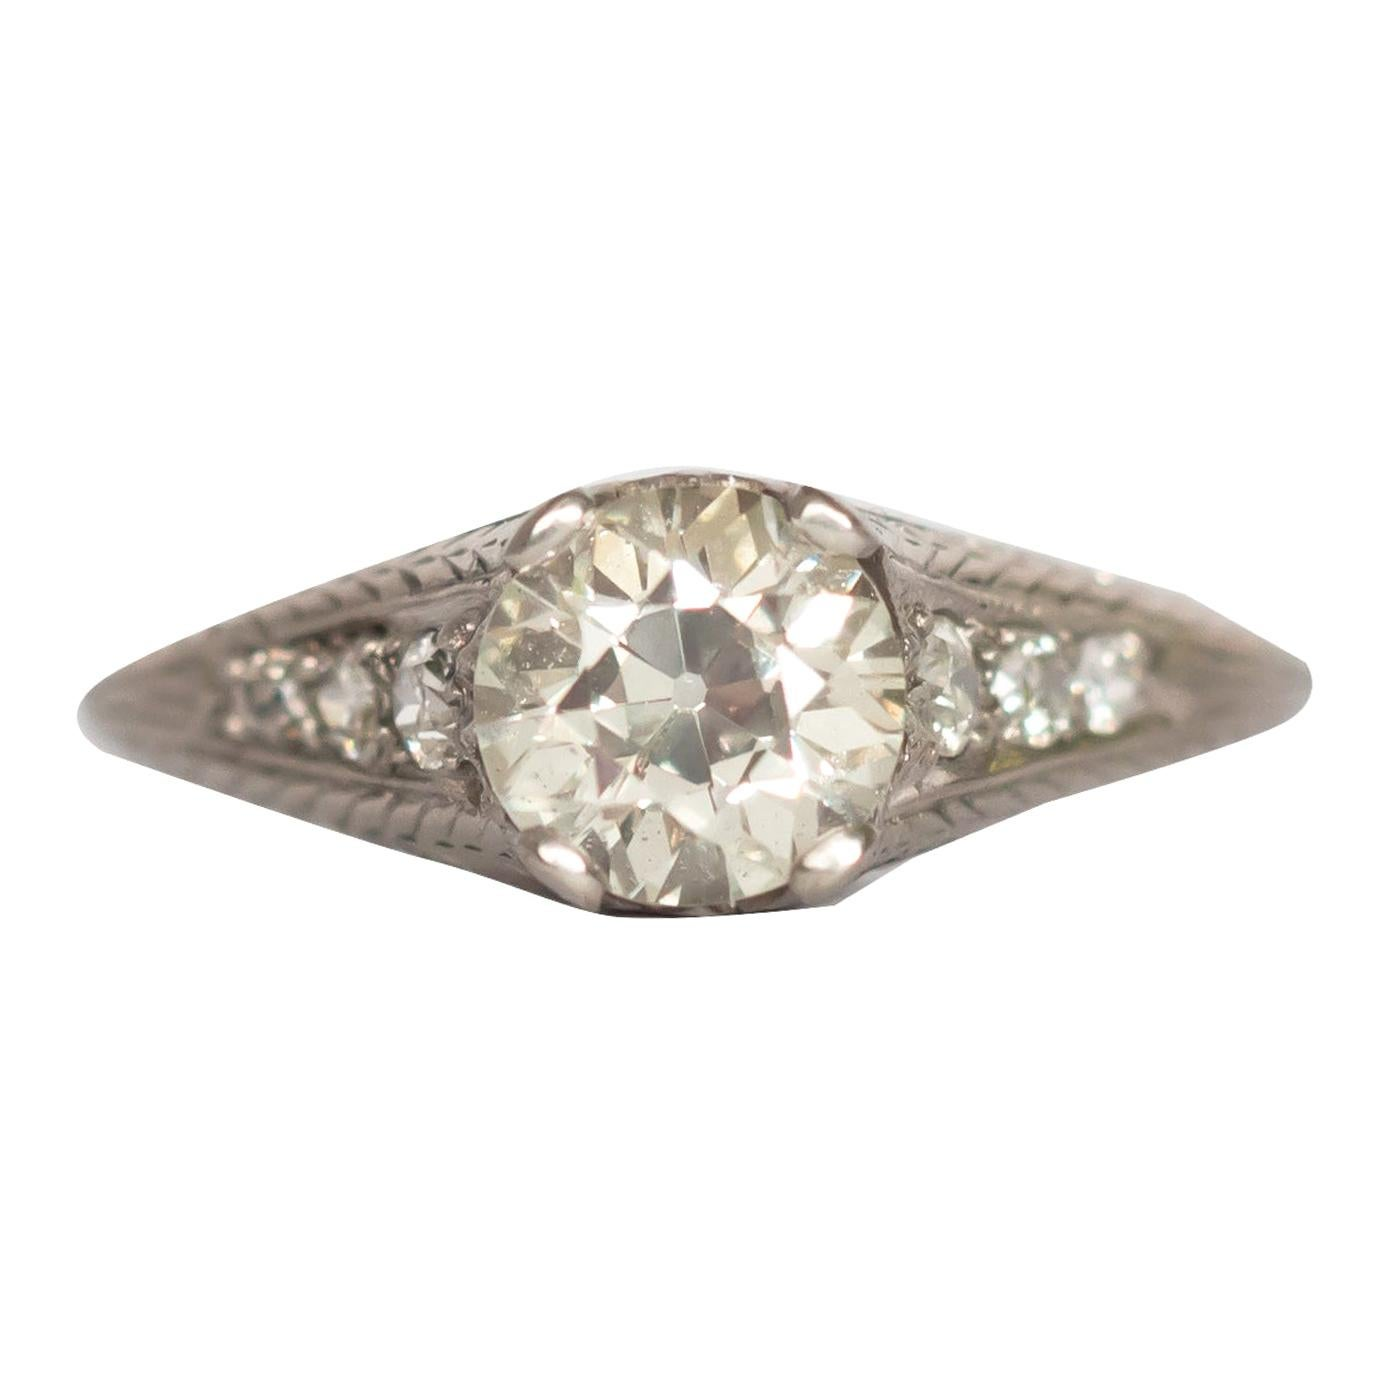 1.22 Carat Diamond Platinum Engagement Ring